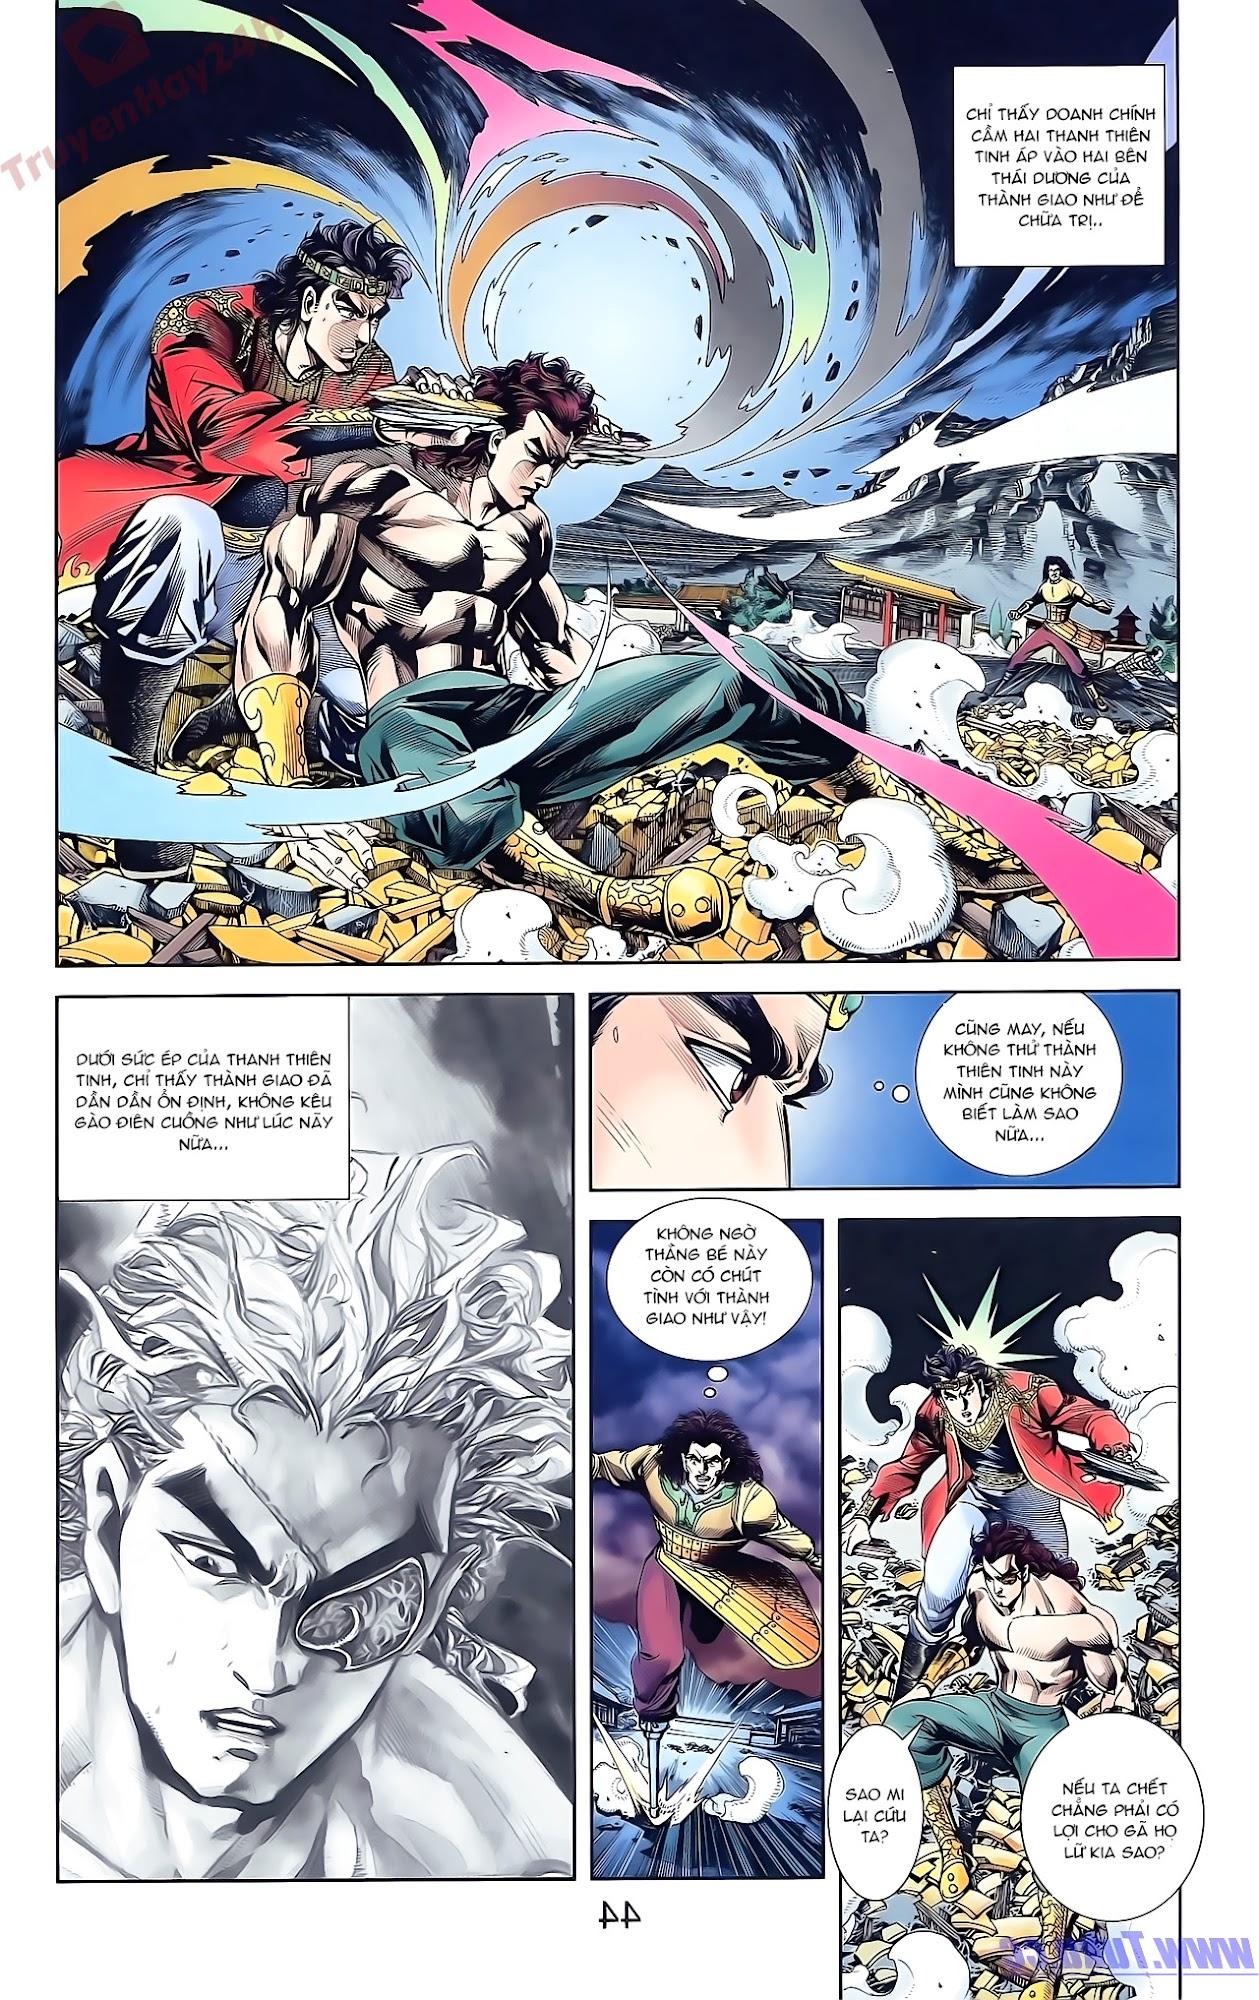 Tần Vương Doanh Chính chapter 51 trang 11